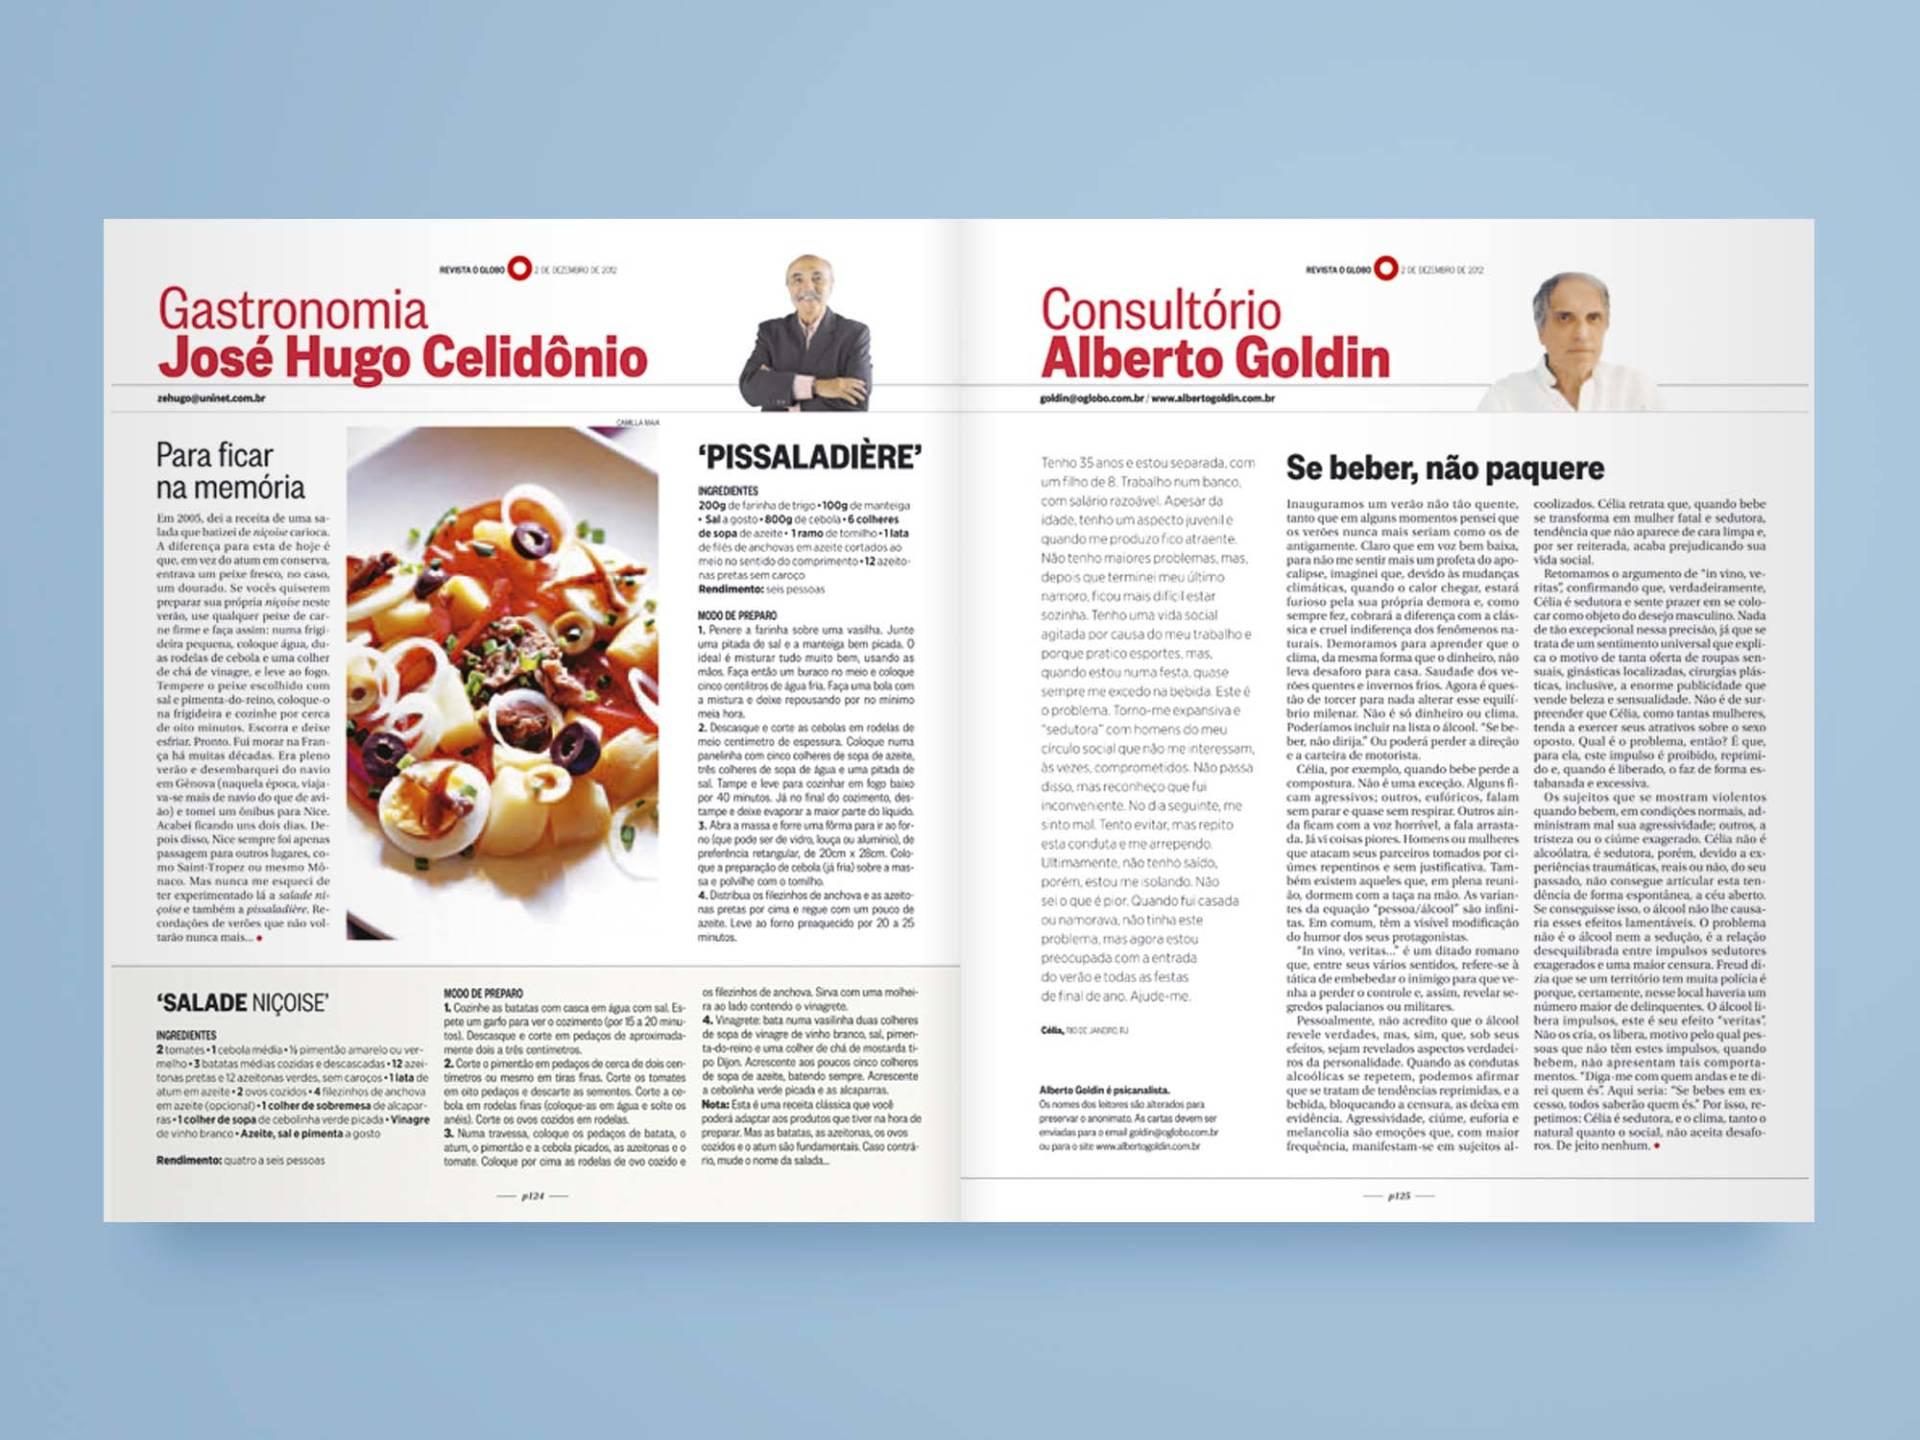 Revista_O_Globo_03_Wenceslau_News_Design